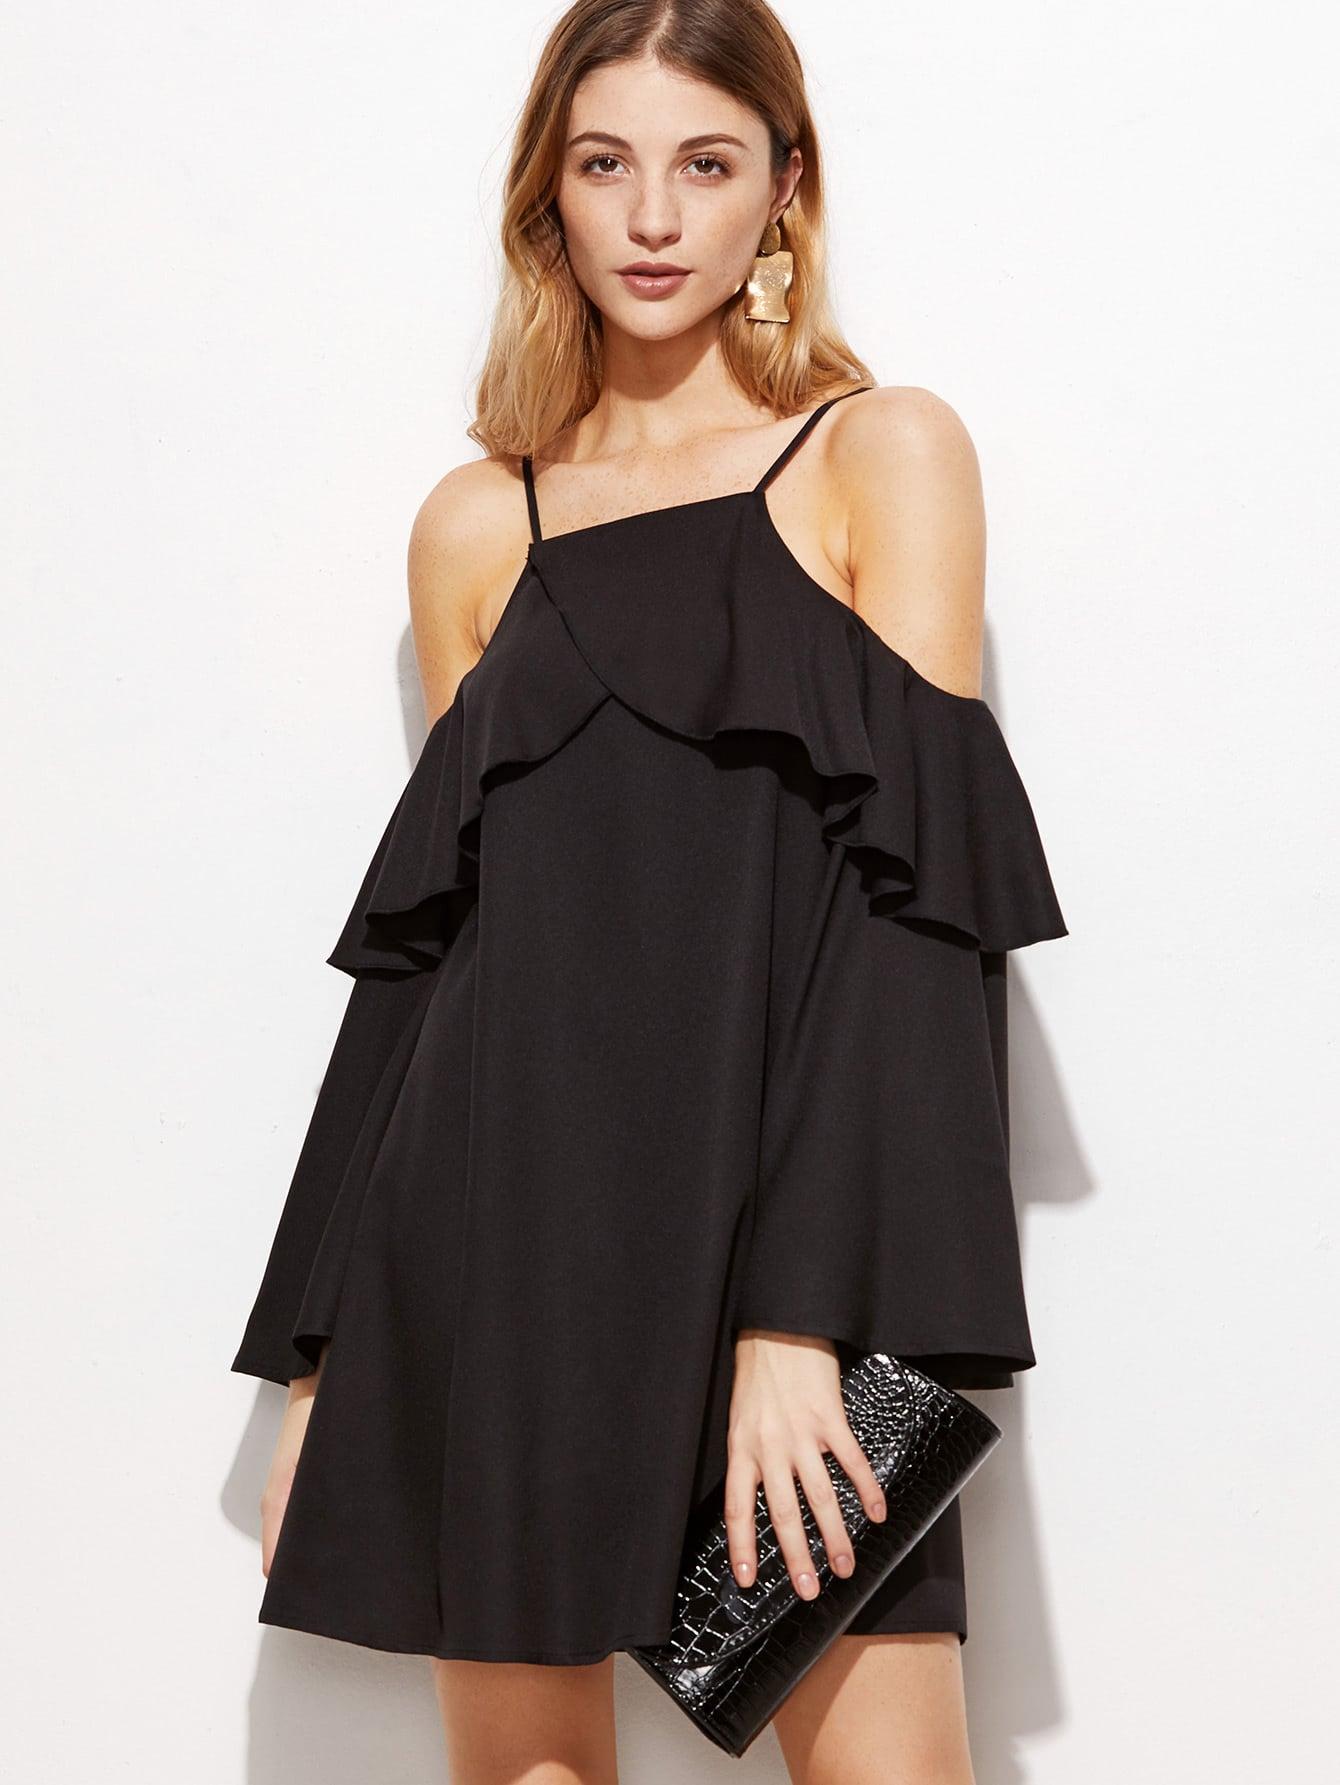 dress161118721_2